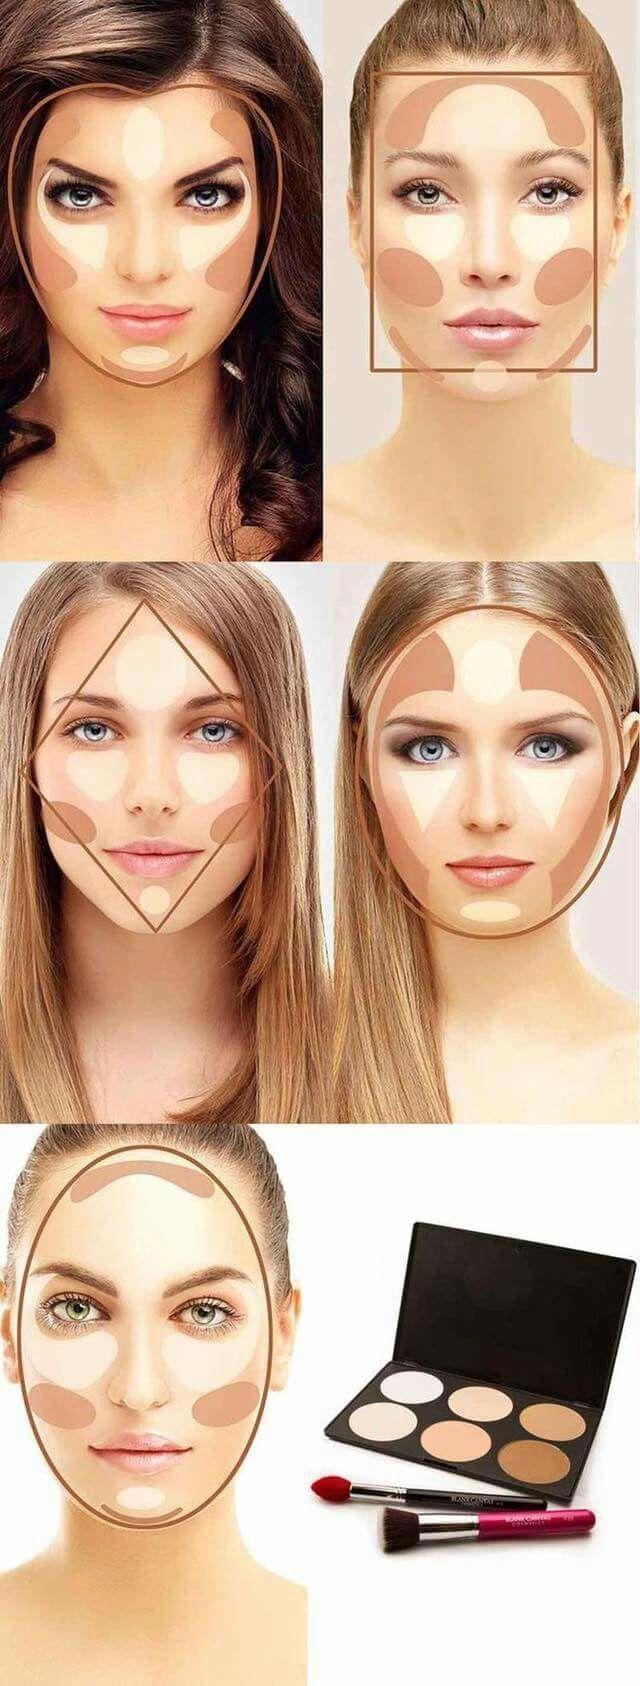 Details des Tones im Gesicht Make-up